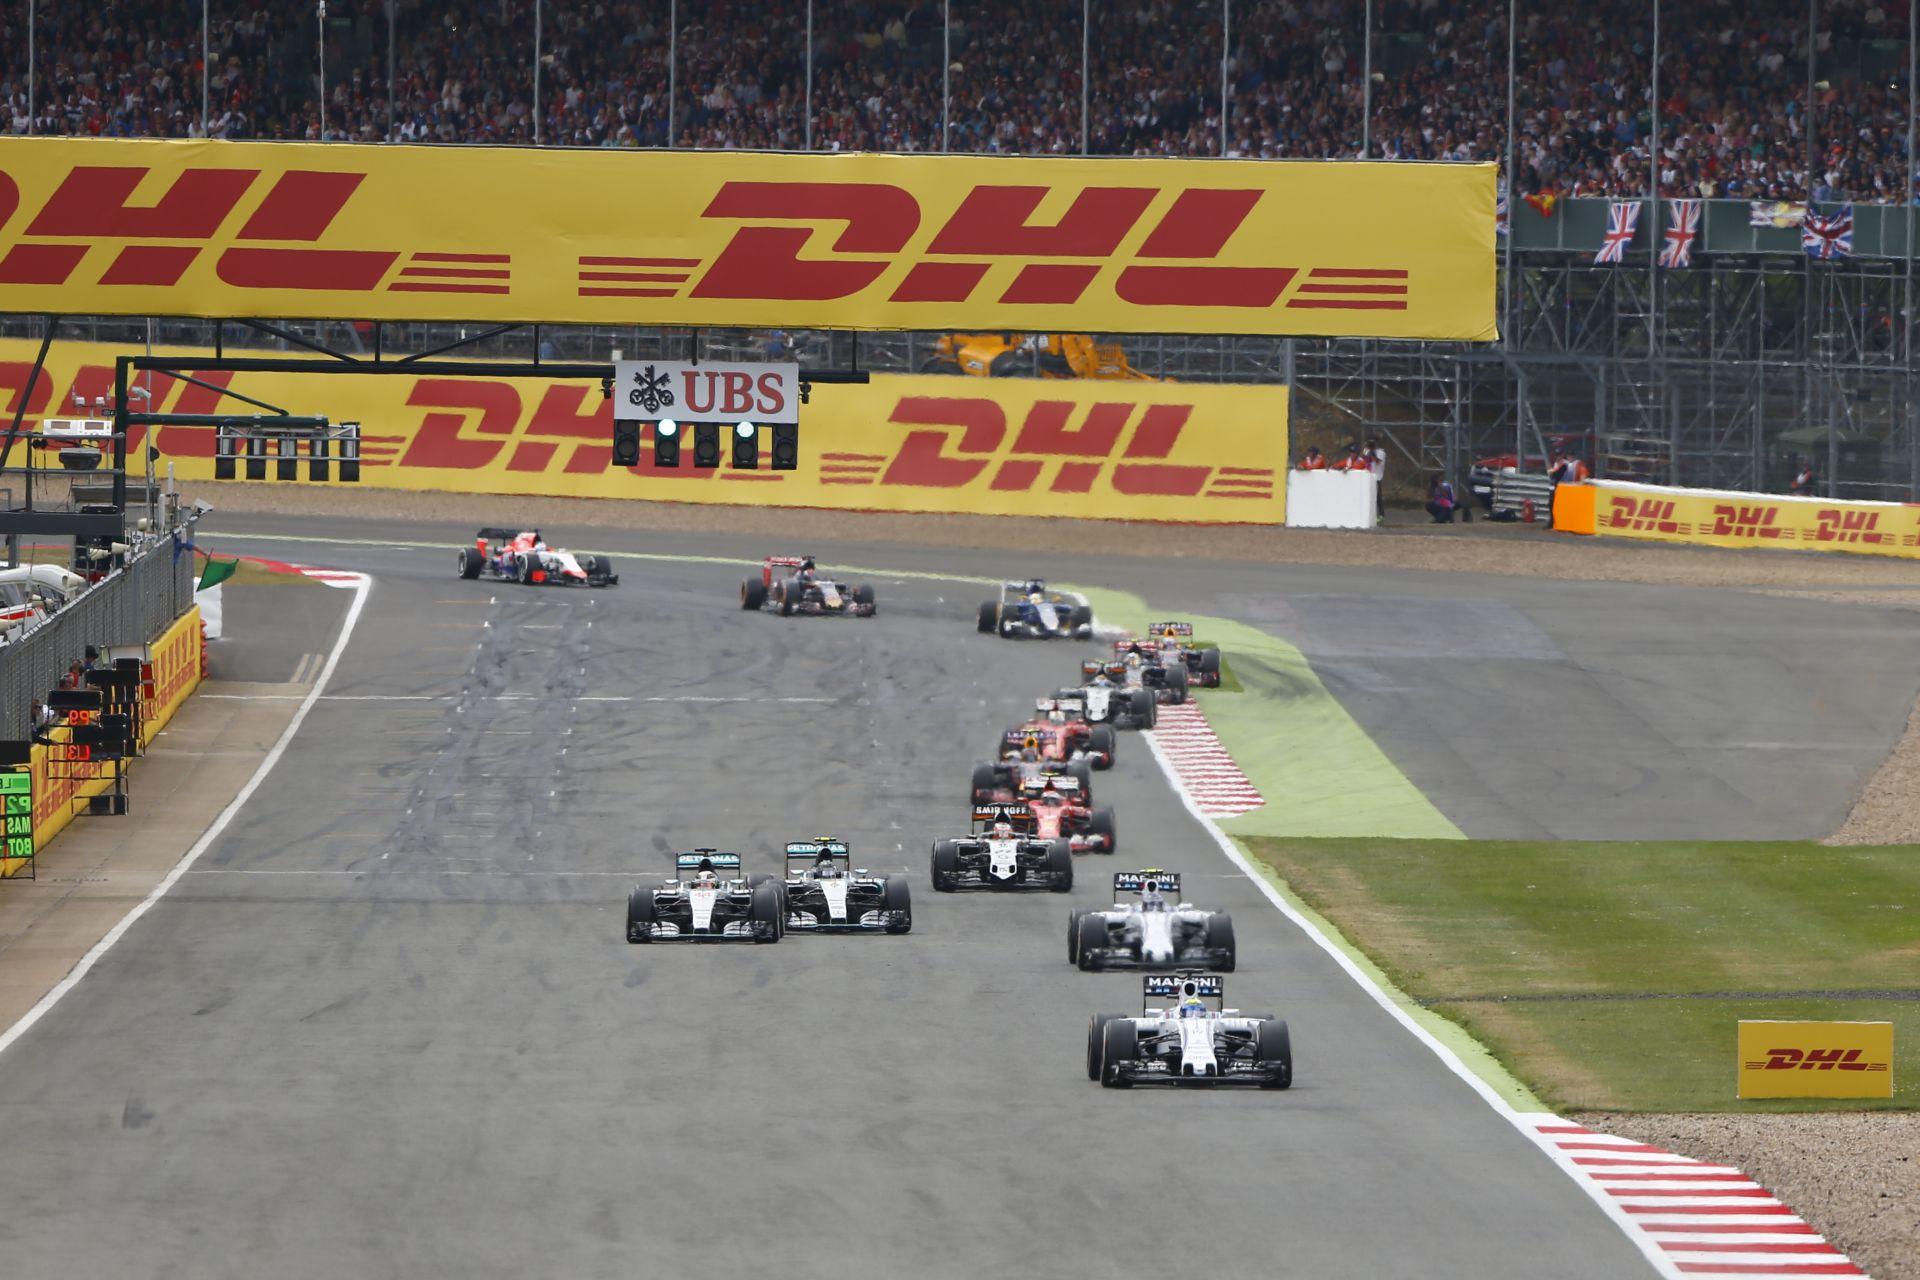 Valóra válhat az álom: Alonso, Vettel és Hamilton ugyanolyan autóban csap össze?!